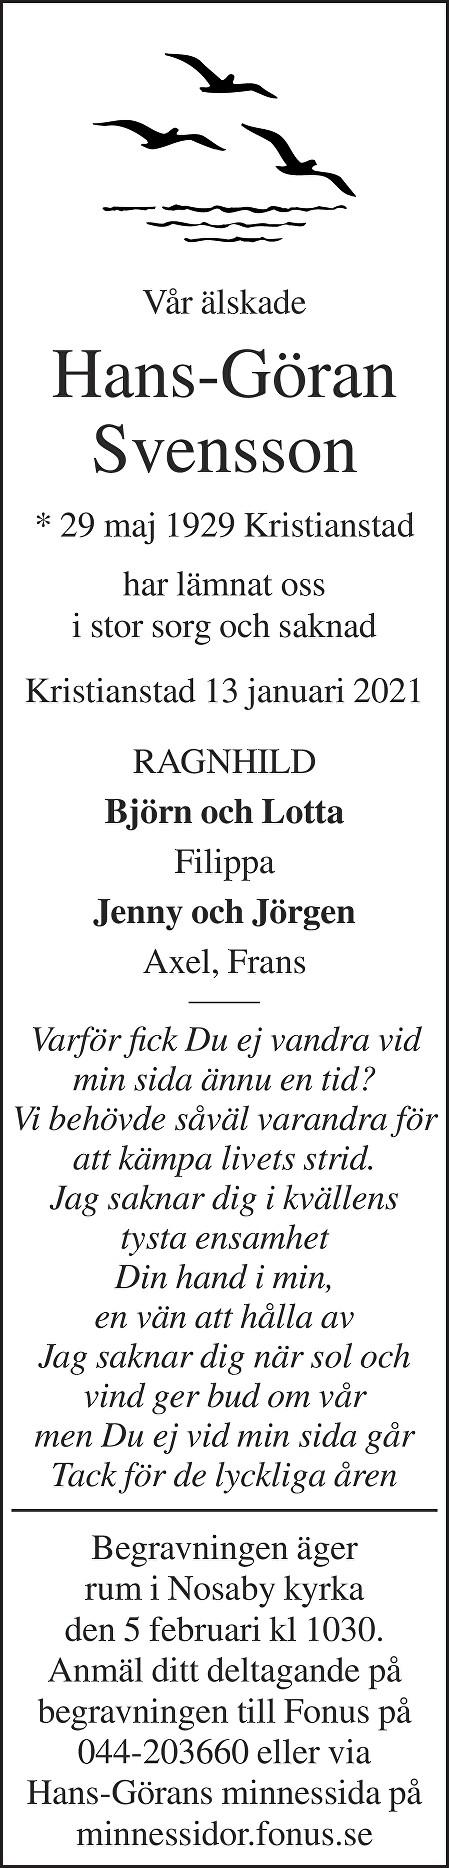 Hans-Göran Svensson Death notice